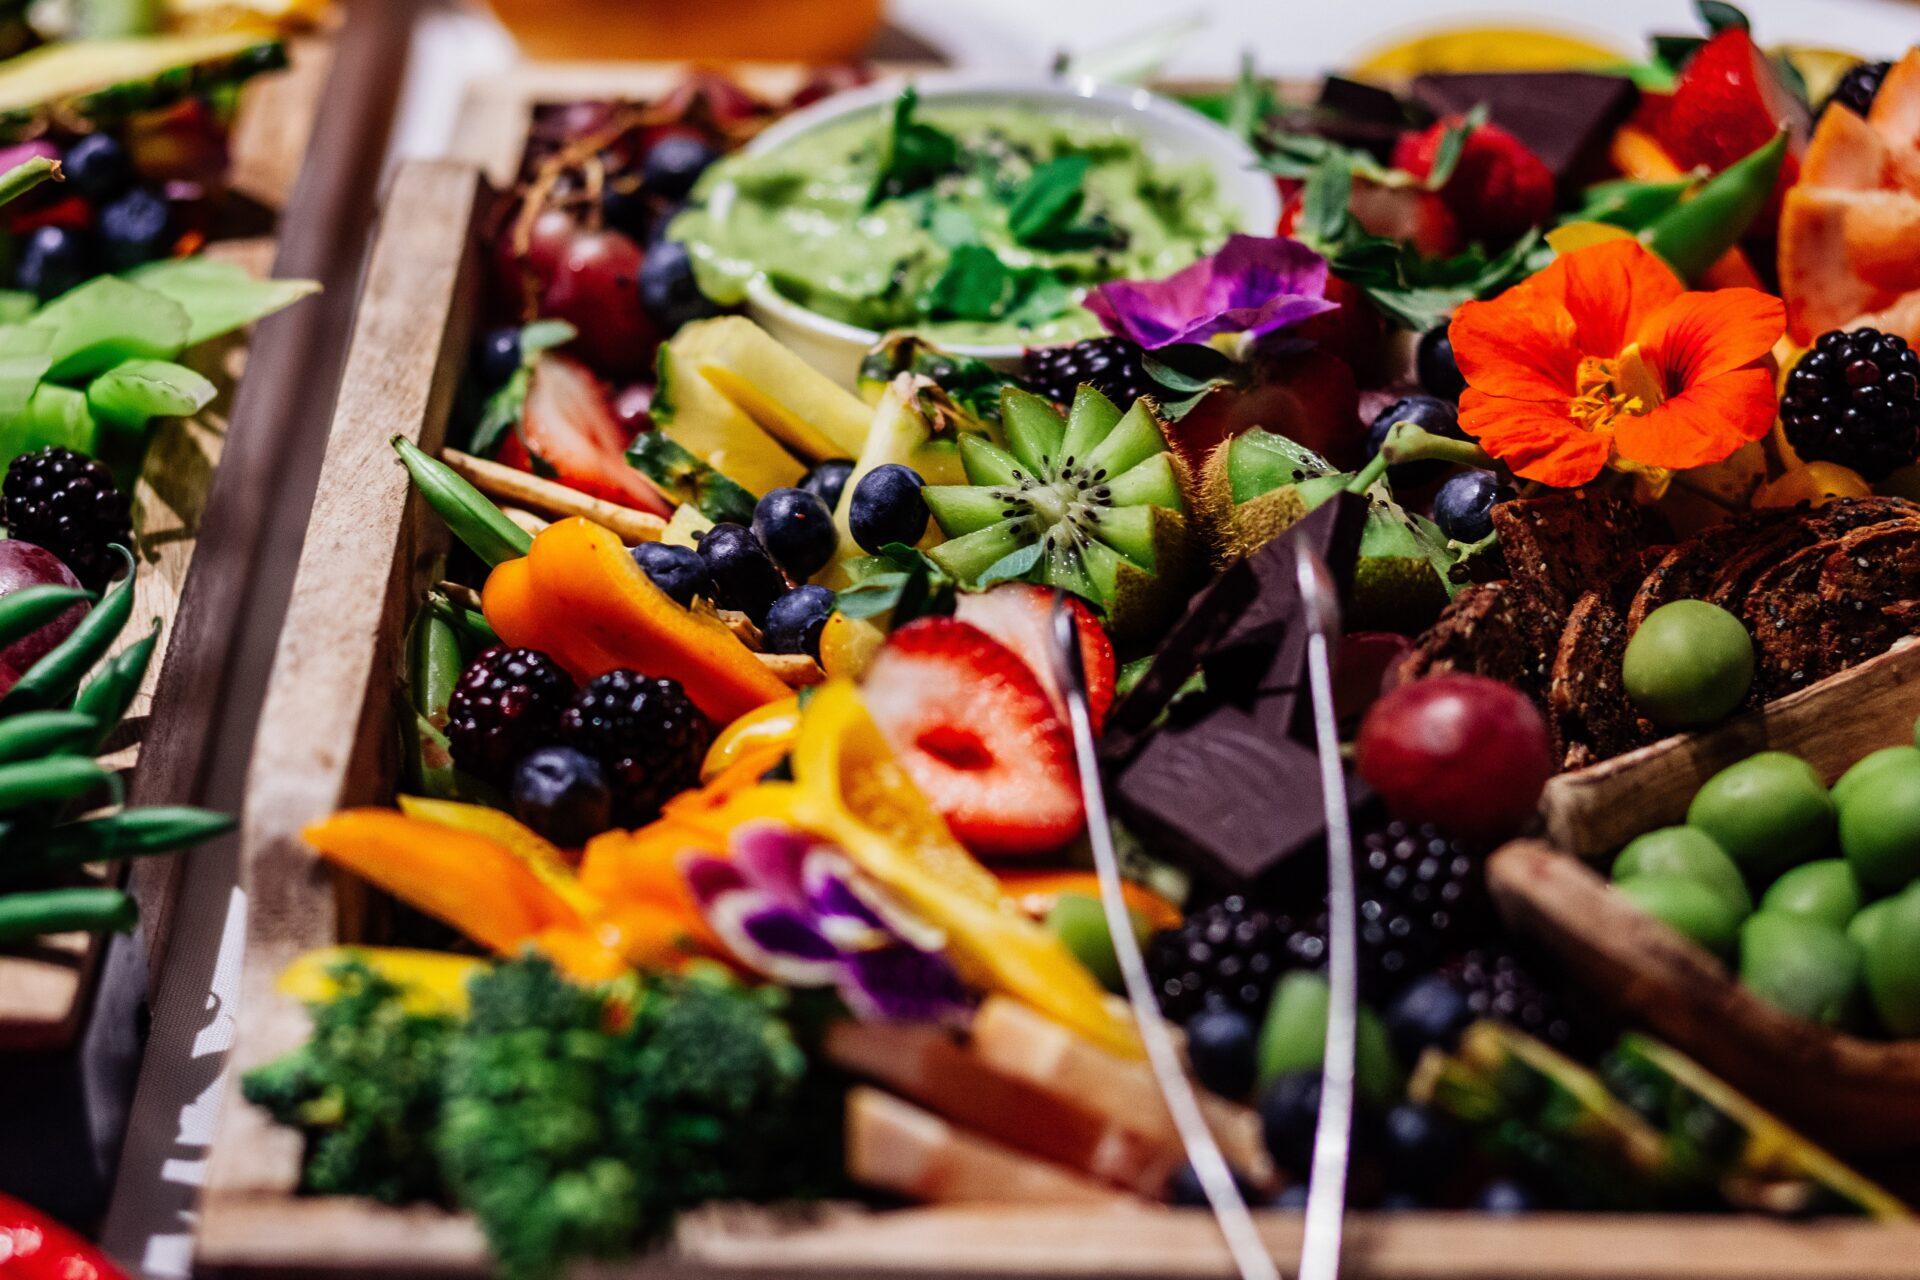 comida sana: nuevas tendencias